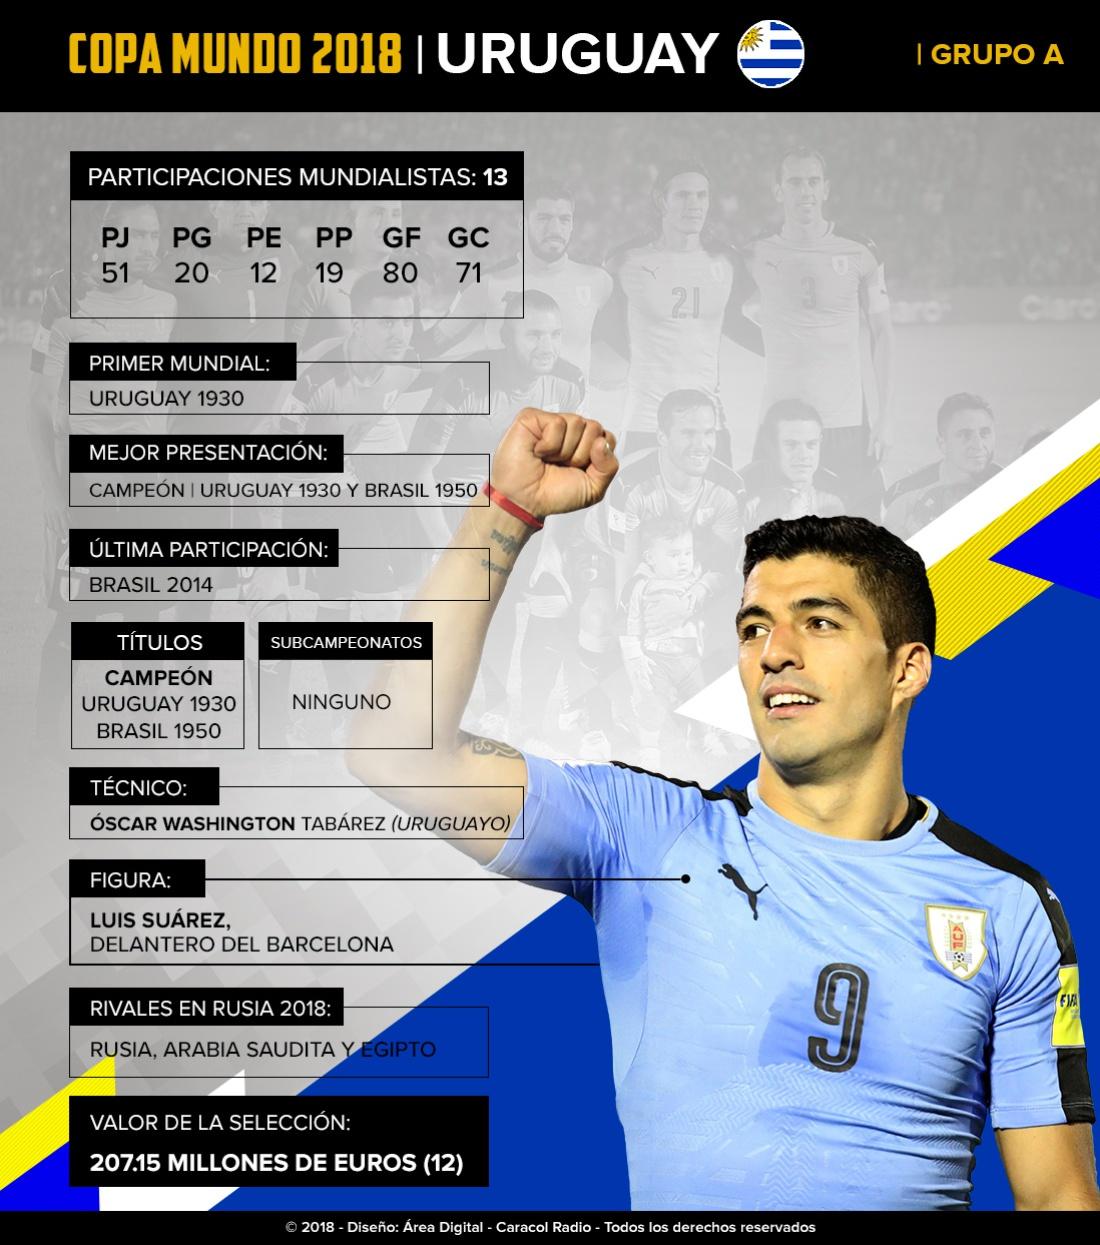 Mundial 2018: Uruguay: El equipo sudamericano irá por su tercera Copa del Mundo